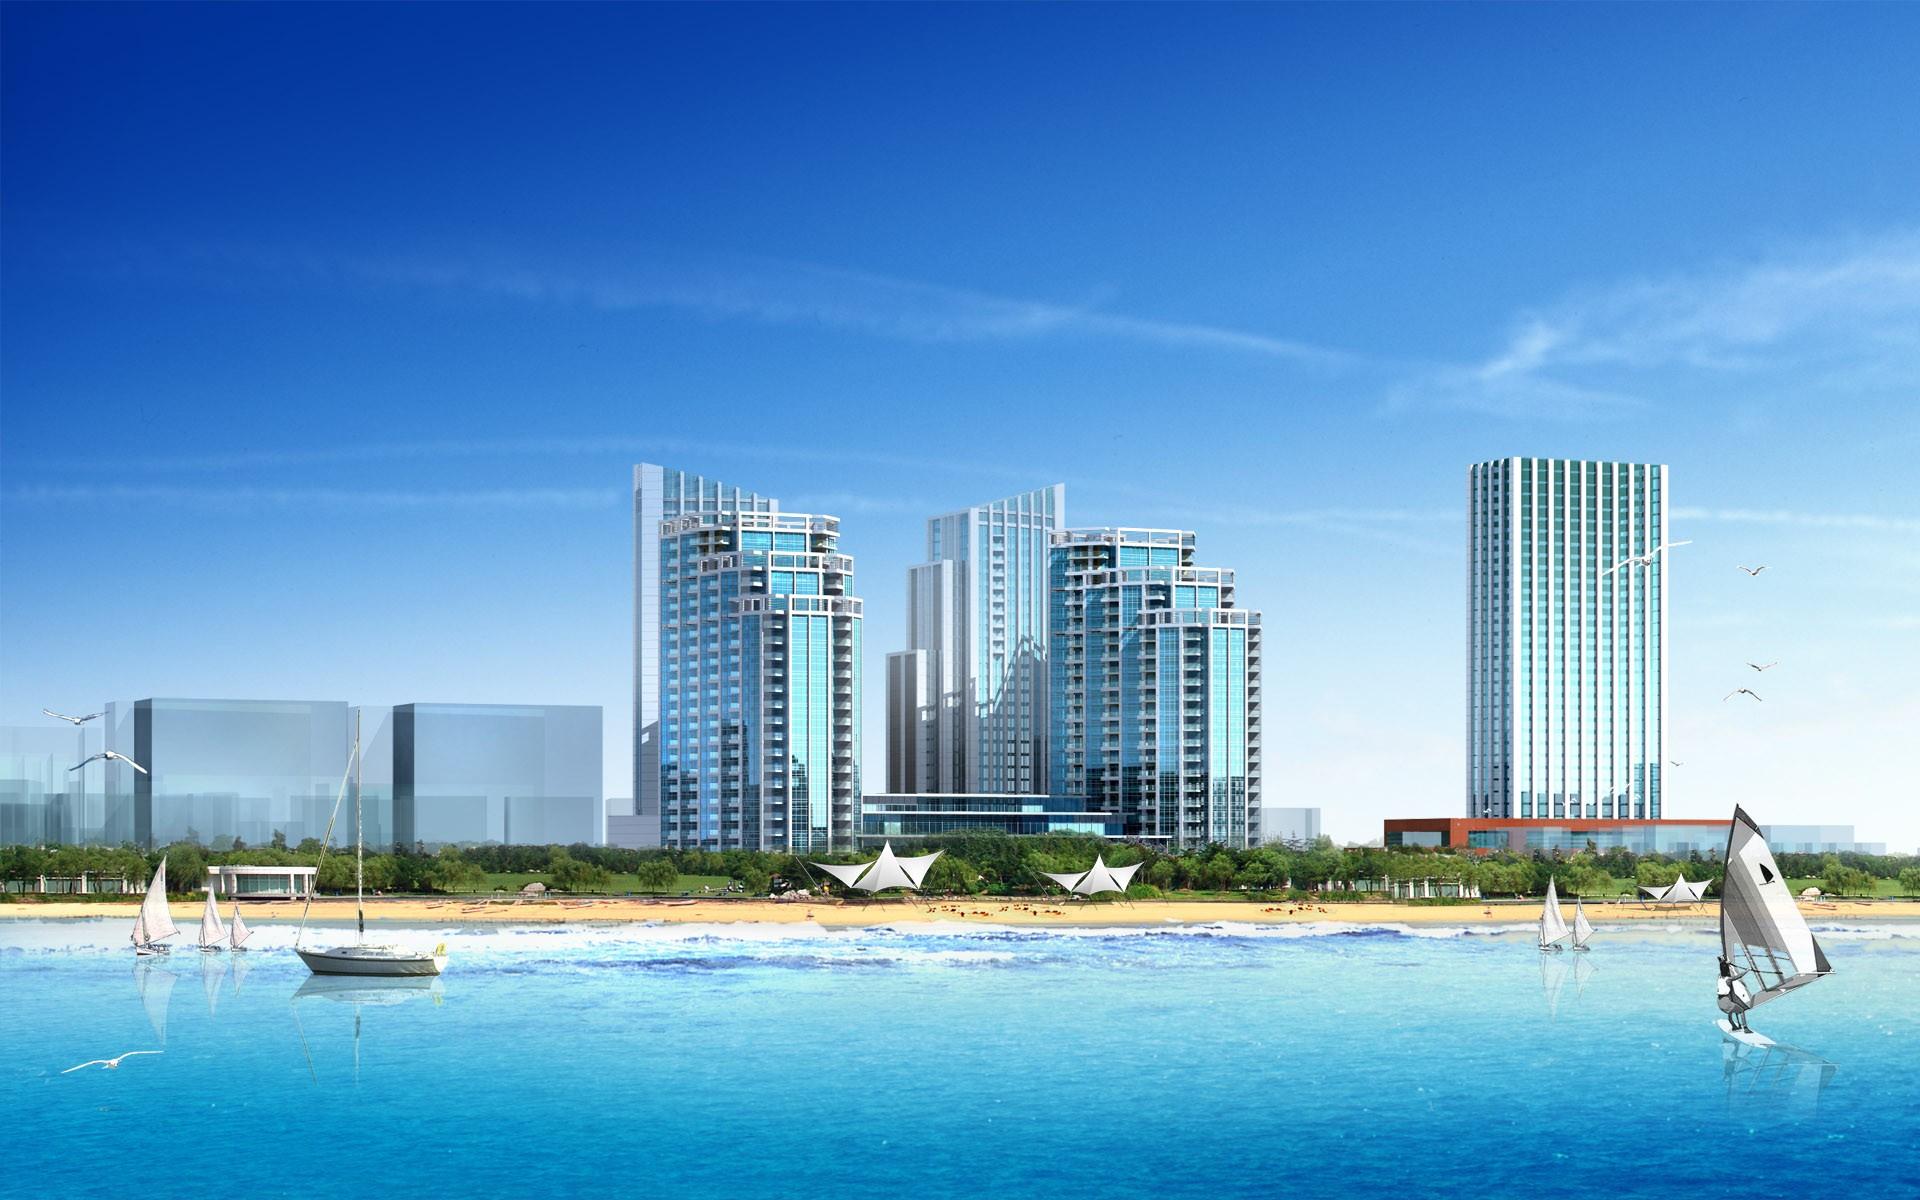 Vista 3D de una playa - 1920x1200